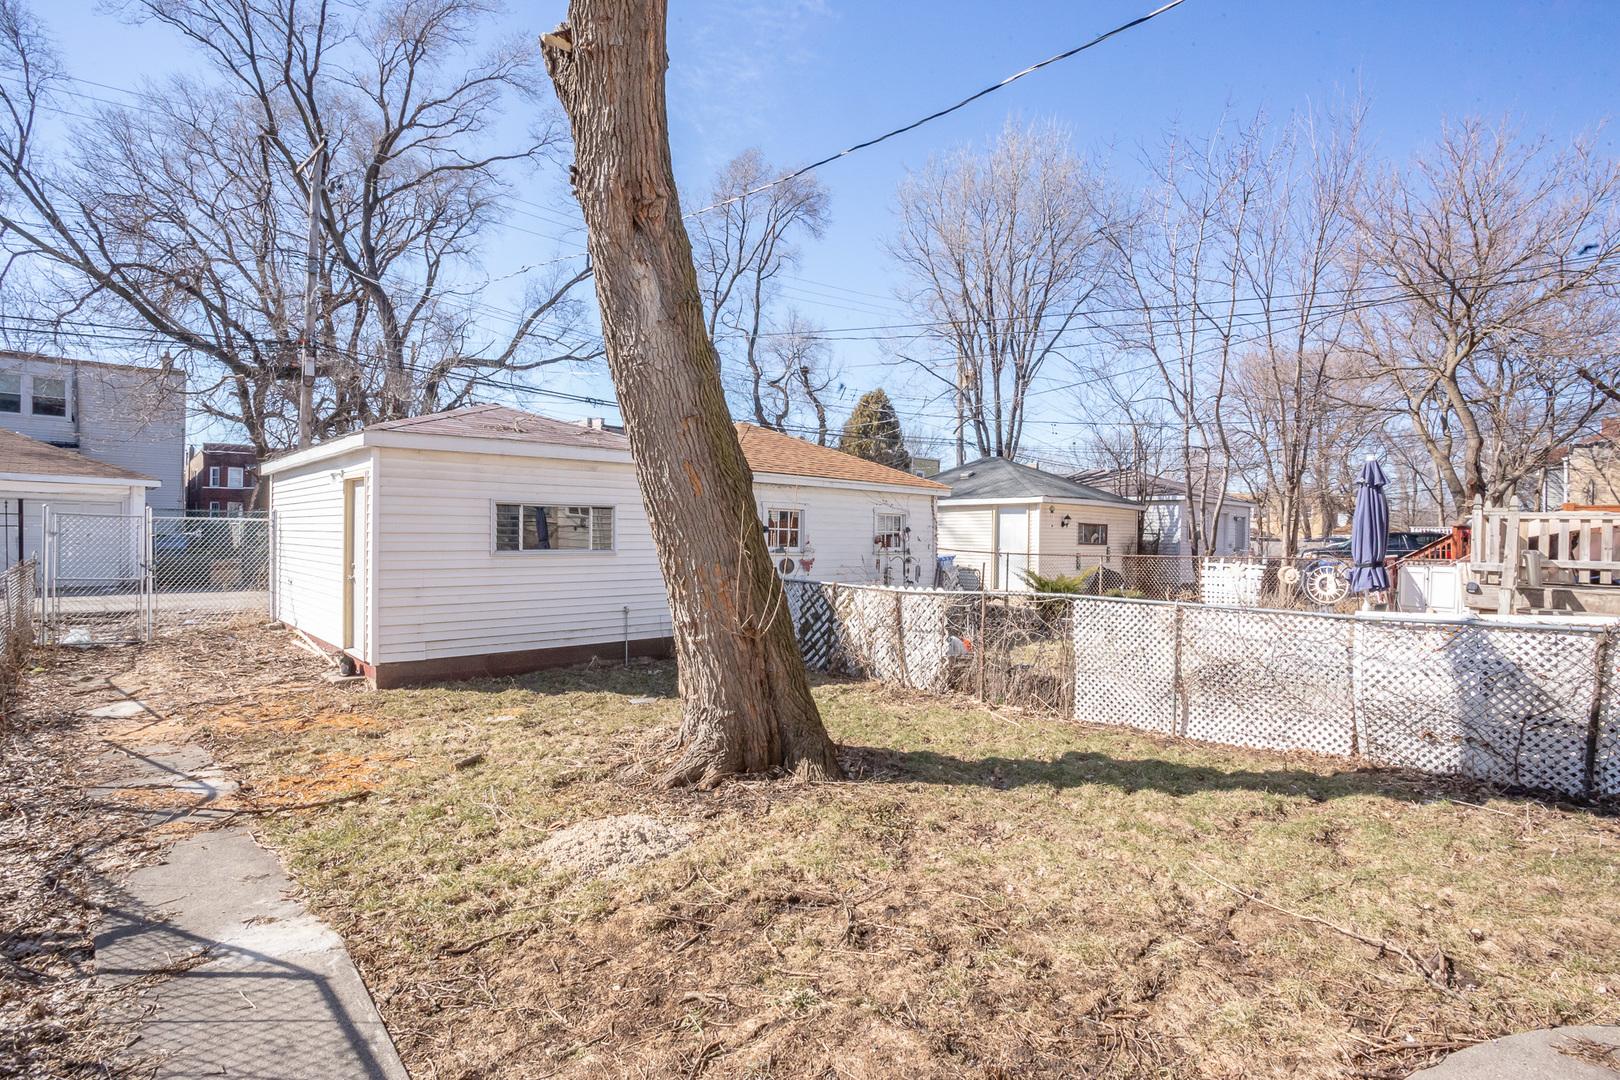 158 North Leclaire, CHICAGO, Illinois, 60644